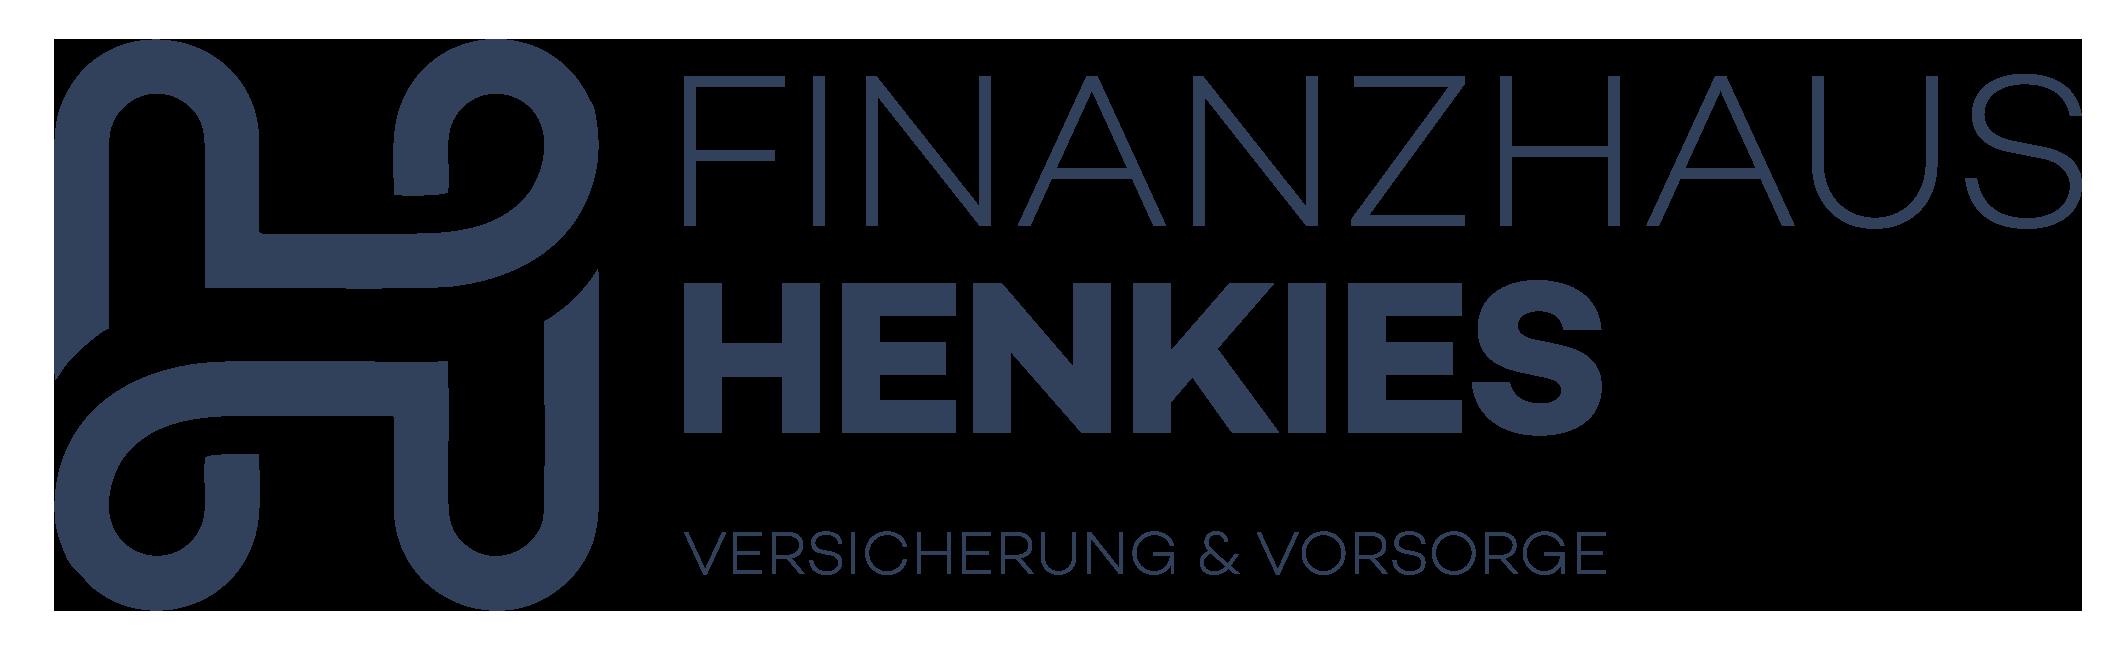 Finanzhaus Henkies